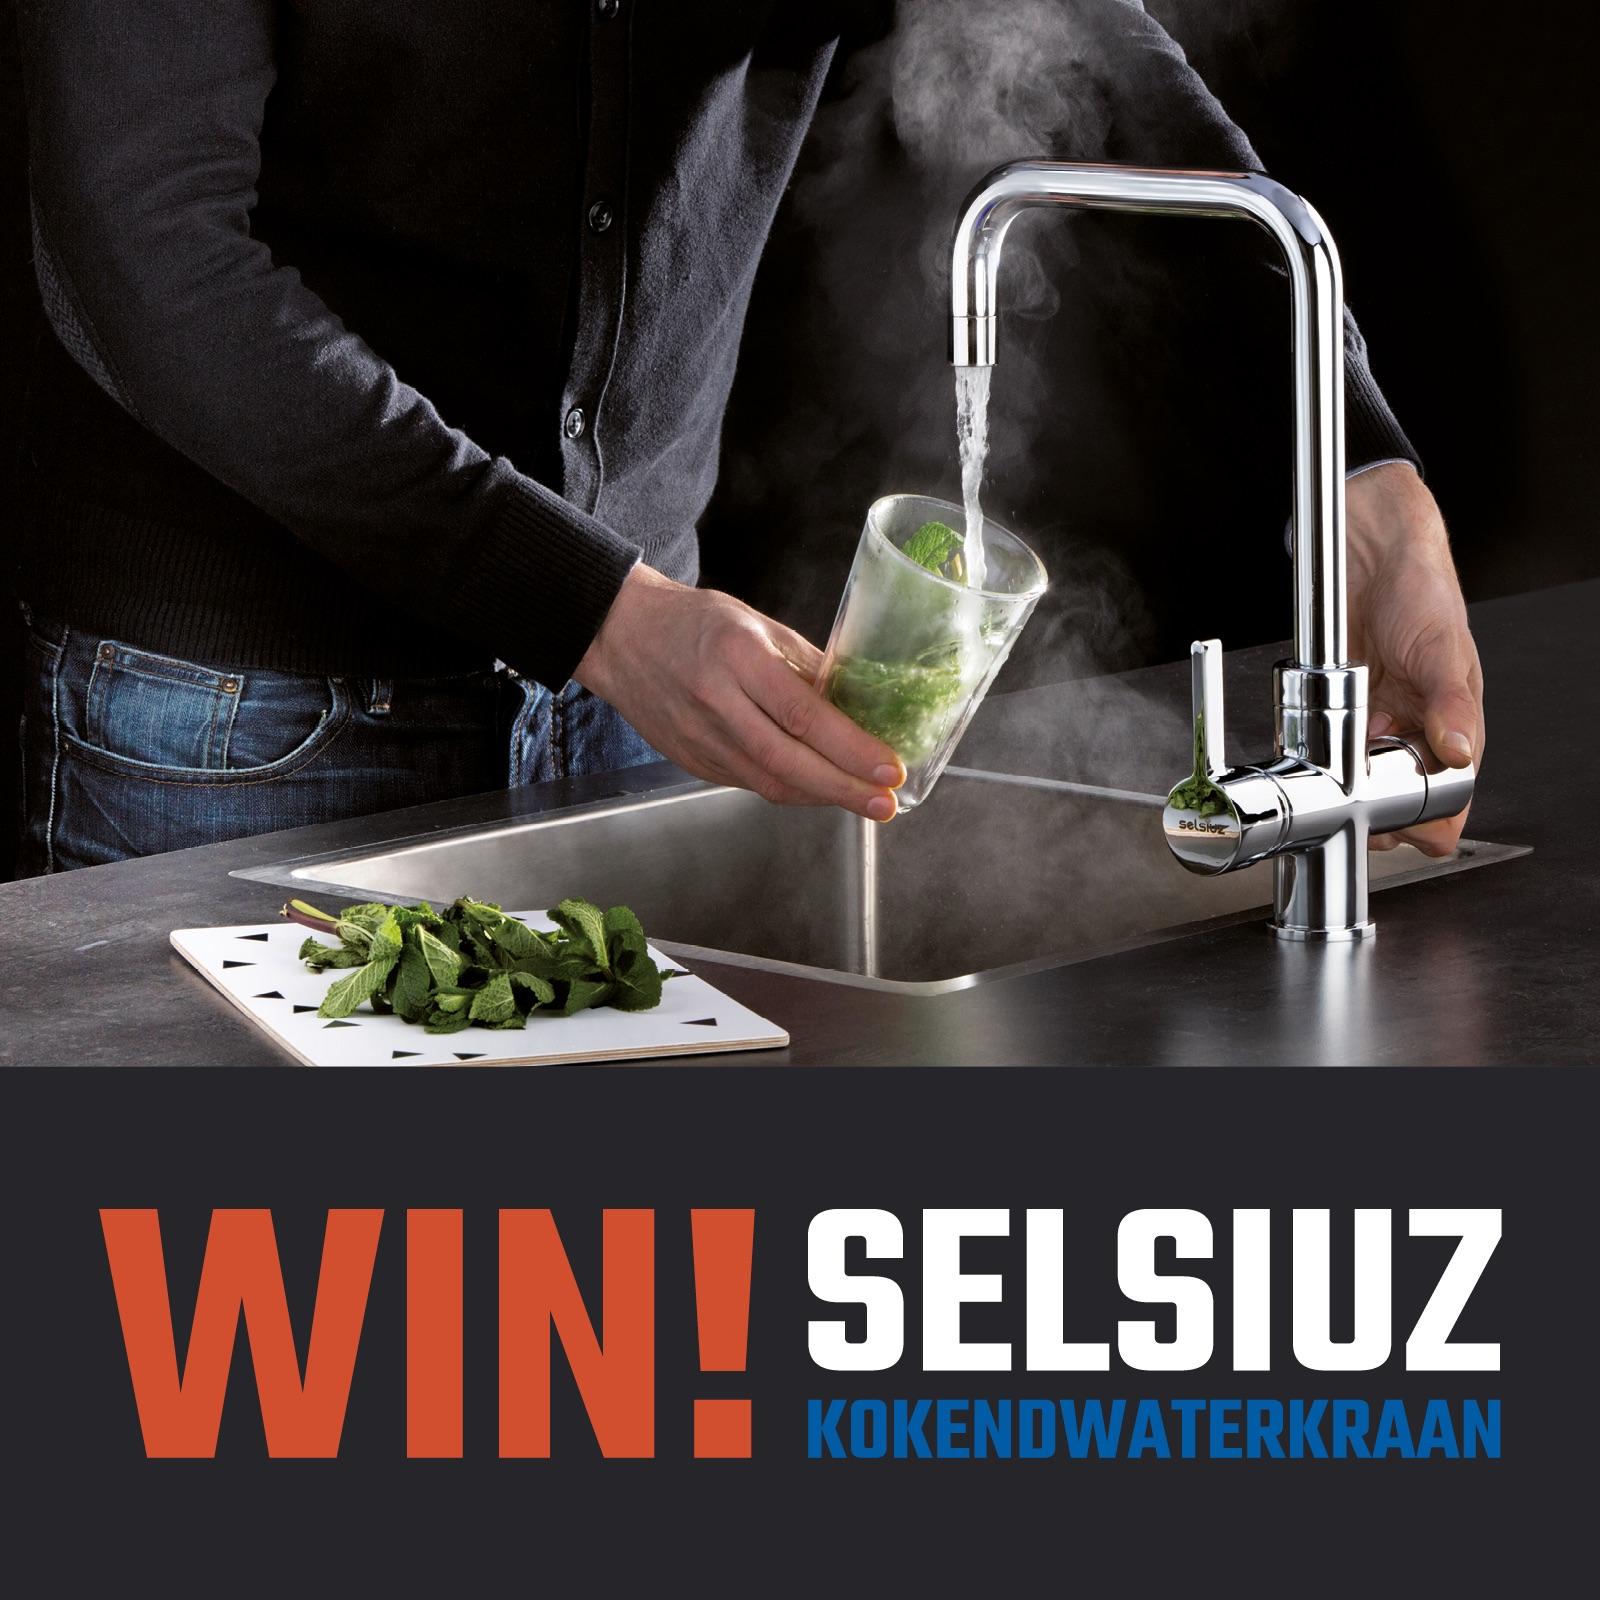 Winactie! Win een Selsiuz kokendwaterkraan #keuken #winactie #kraan #kokendwaterkraan #winactie